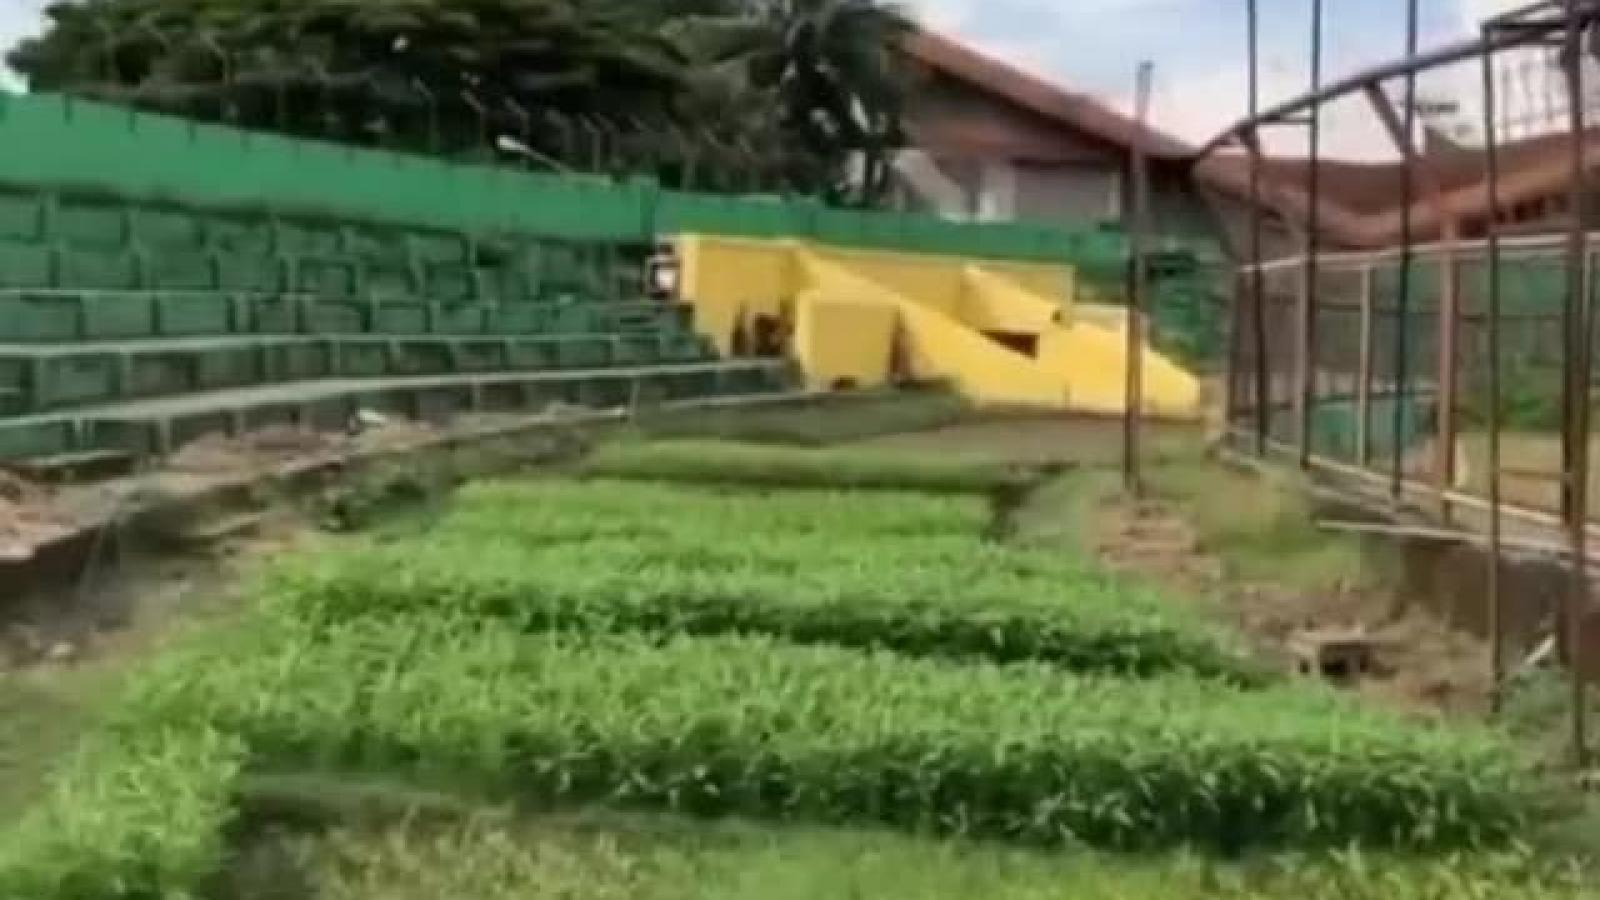 Chuyện lạ: Sân bóng ở Indonesia biến thành vườn rau mùa dịch Covid-19